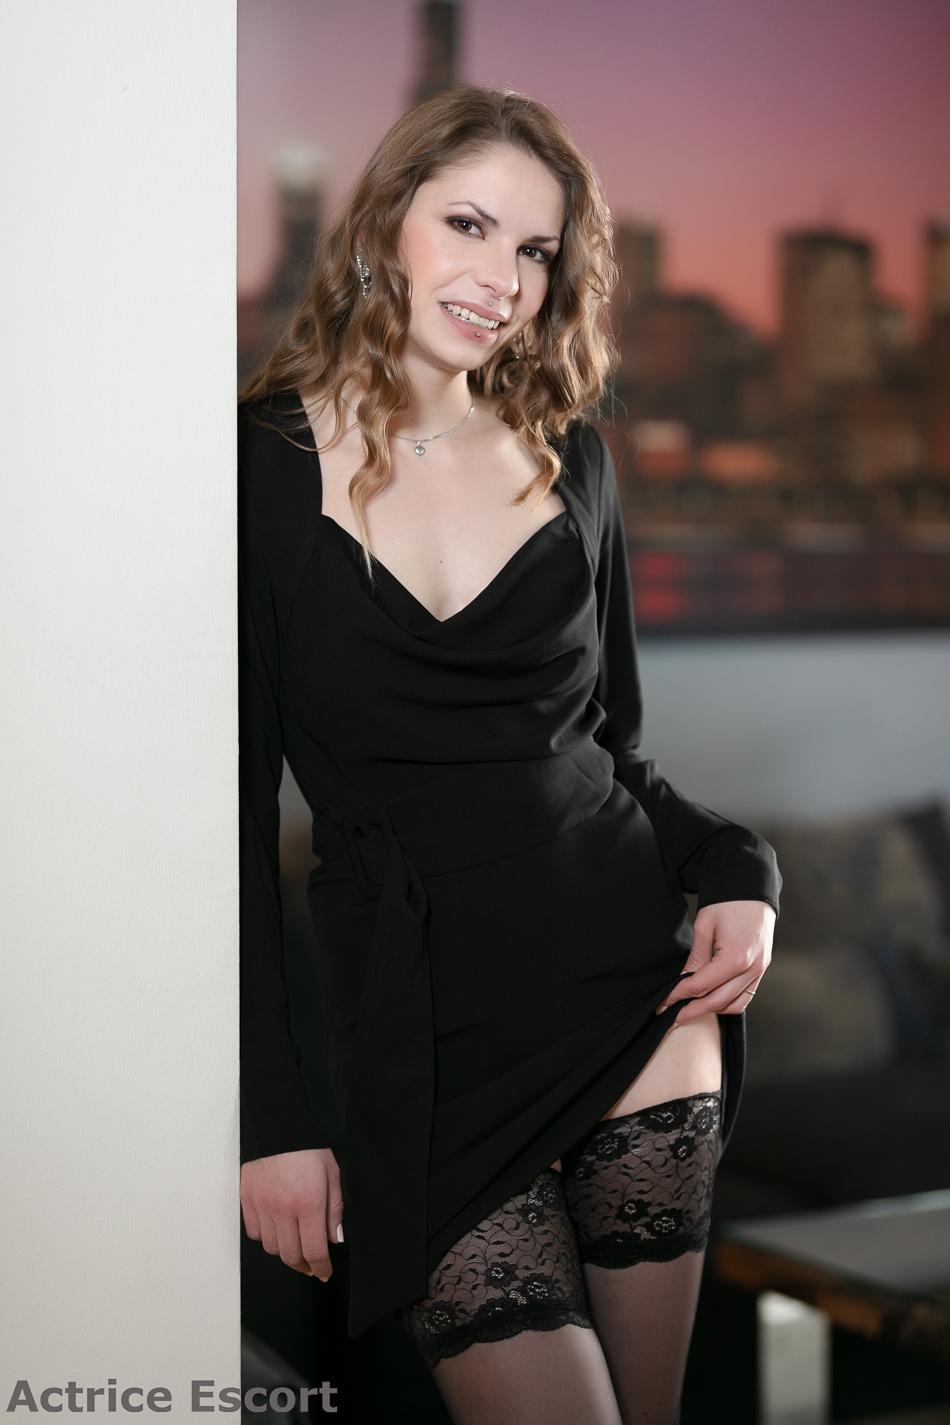 Escort Dame Sofia aus Escorts Actrice Escort Hamburg in